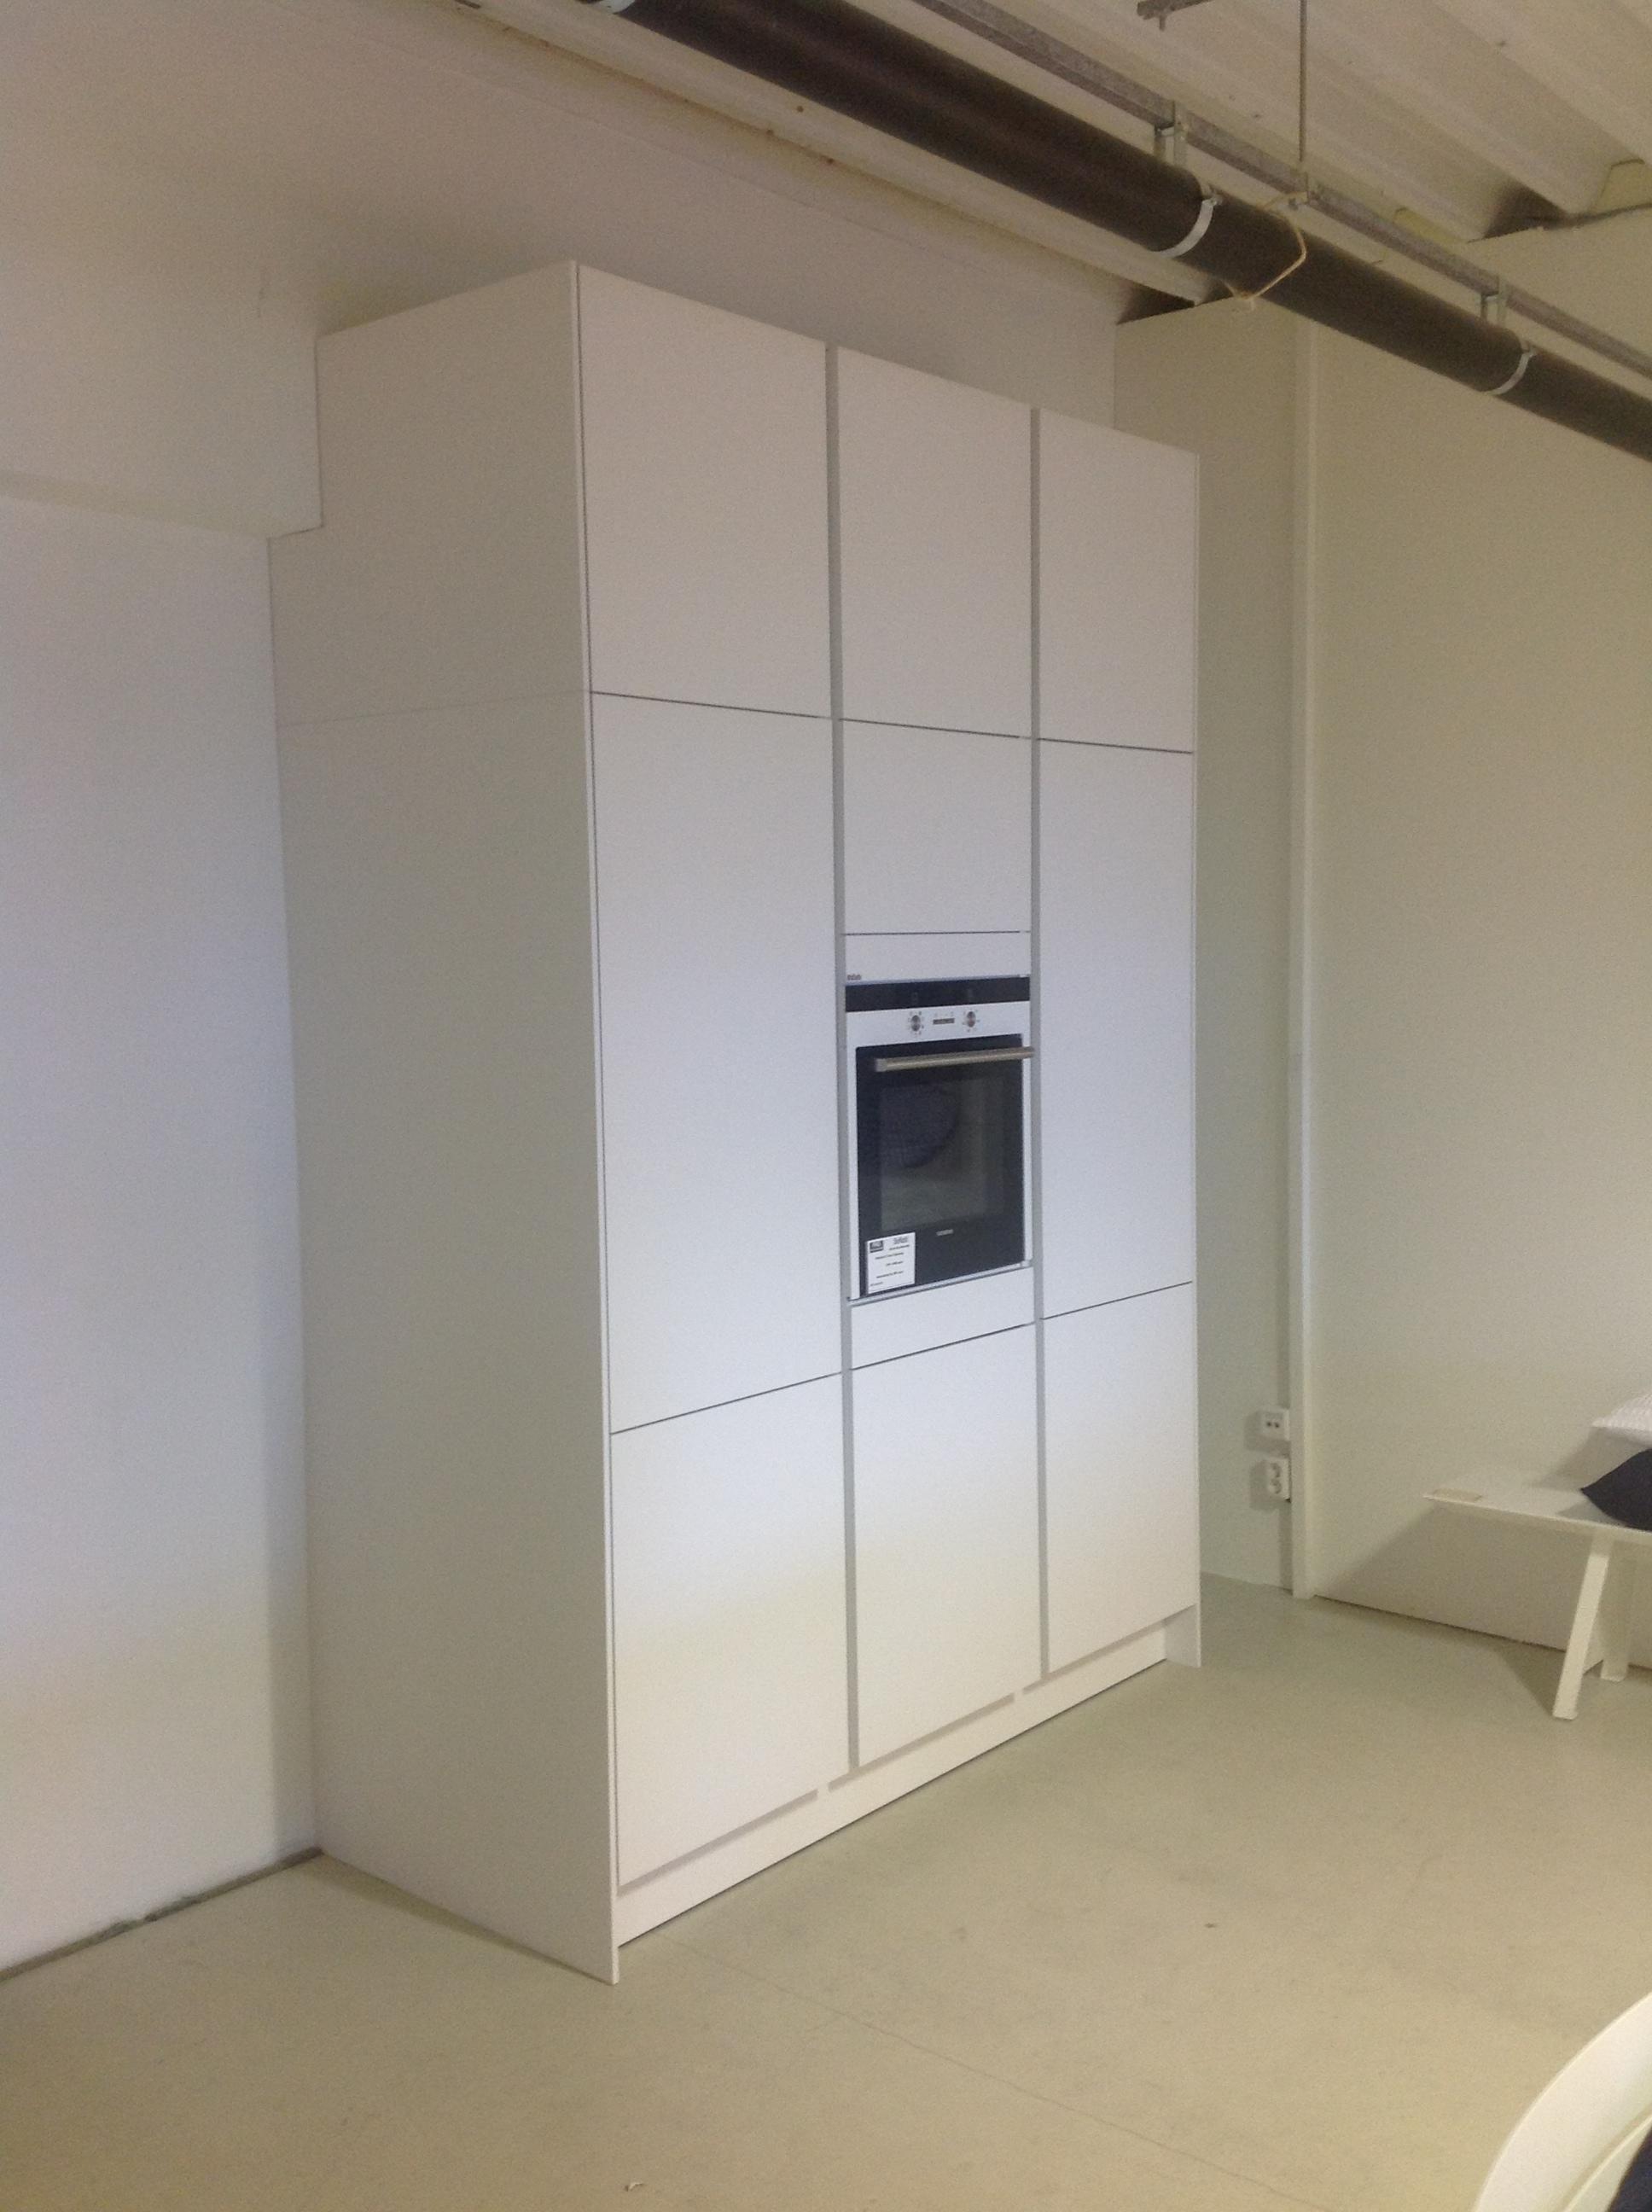 ... keukens voor zeer lage keuken prijzen  SieMatic luxe design greeploze